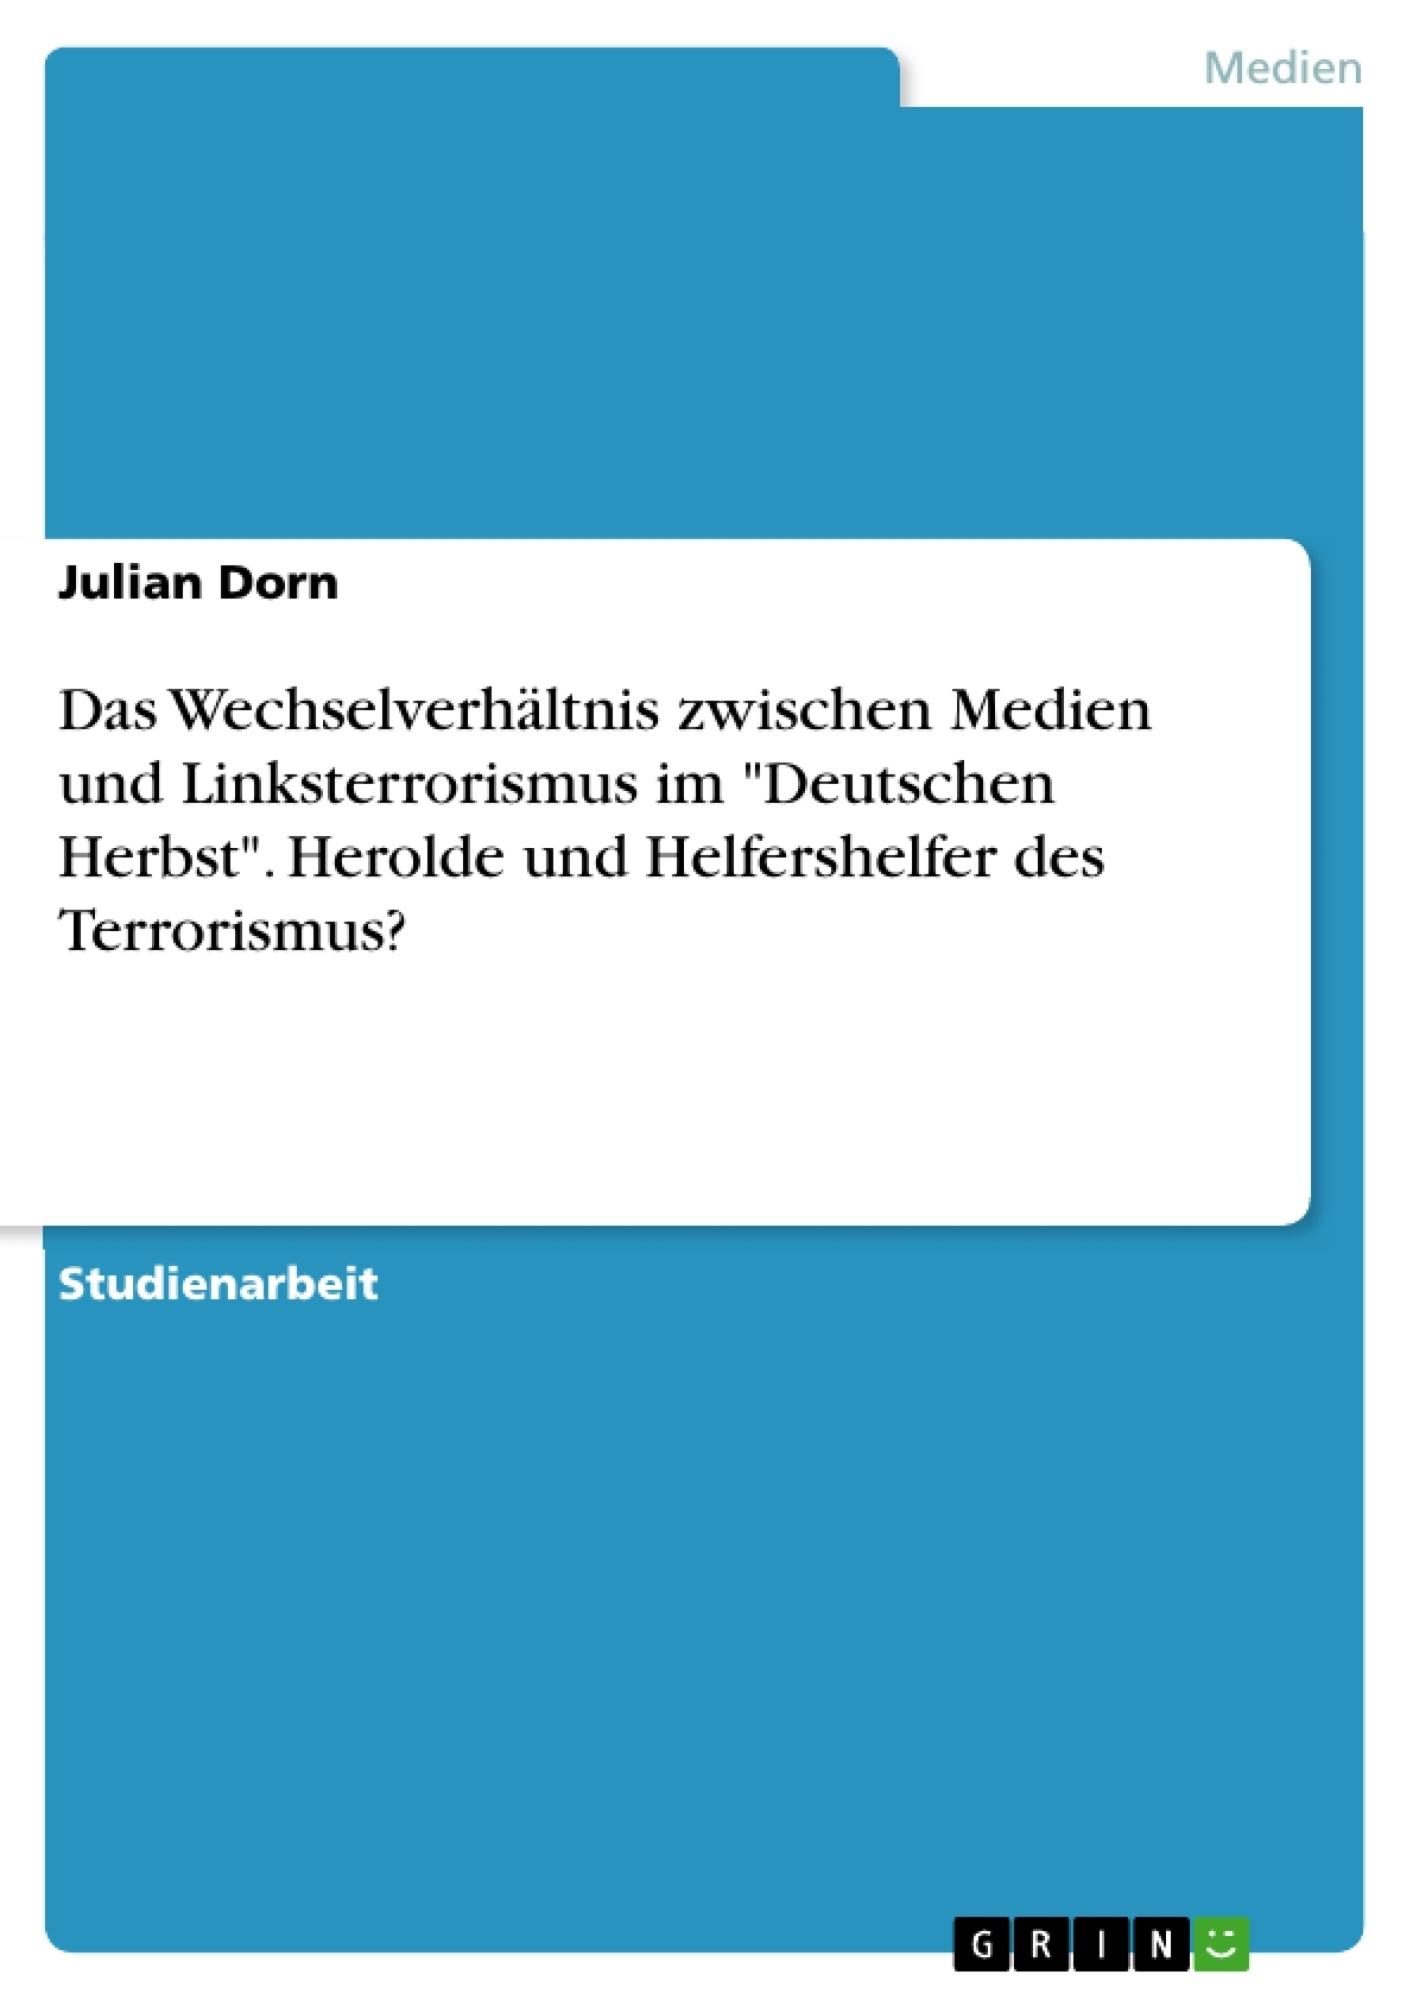 """Titel: Das Wechselverhältnis zwischen Medien und Linksterrorismus im """"Deutschen Herbst"""". Herolde und Helfershelfer des Terrorismus?"""